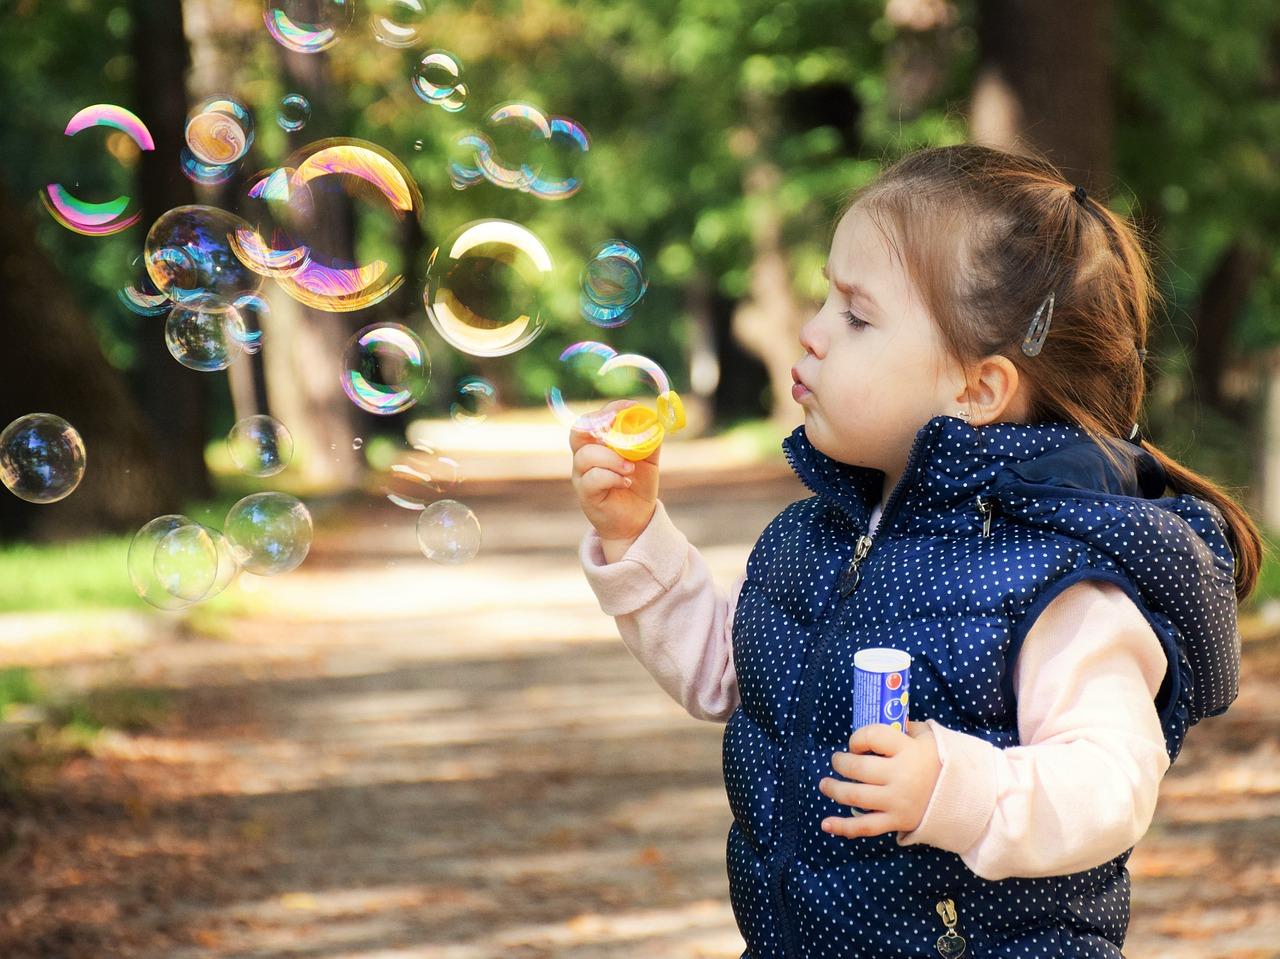 Quali sono i migliori investimenti da fare per i bambini, in ottica futura